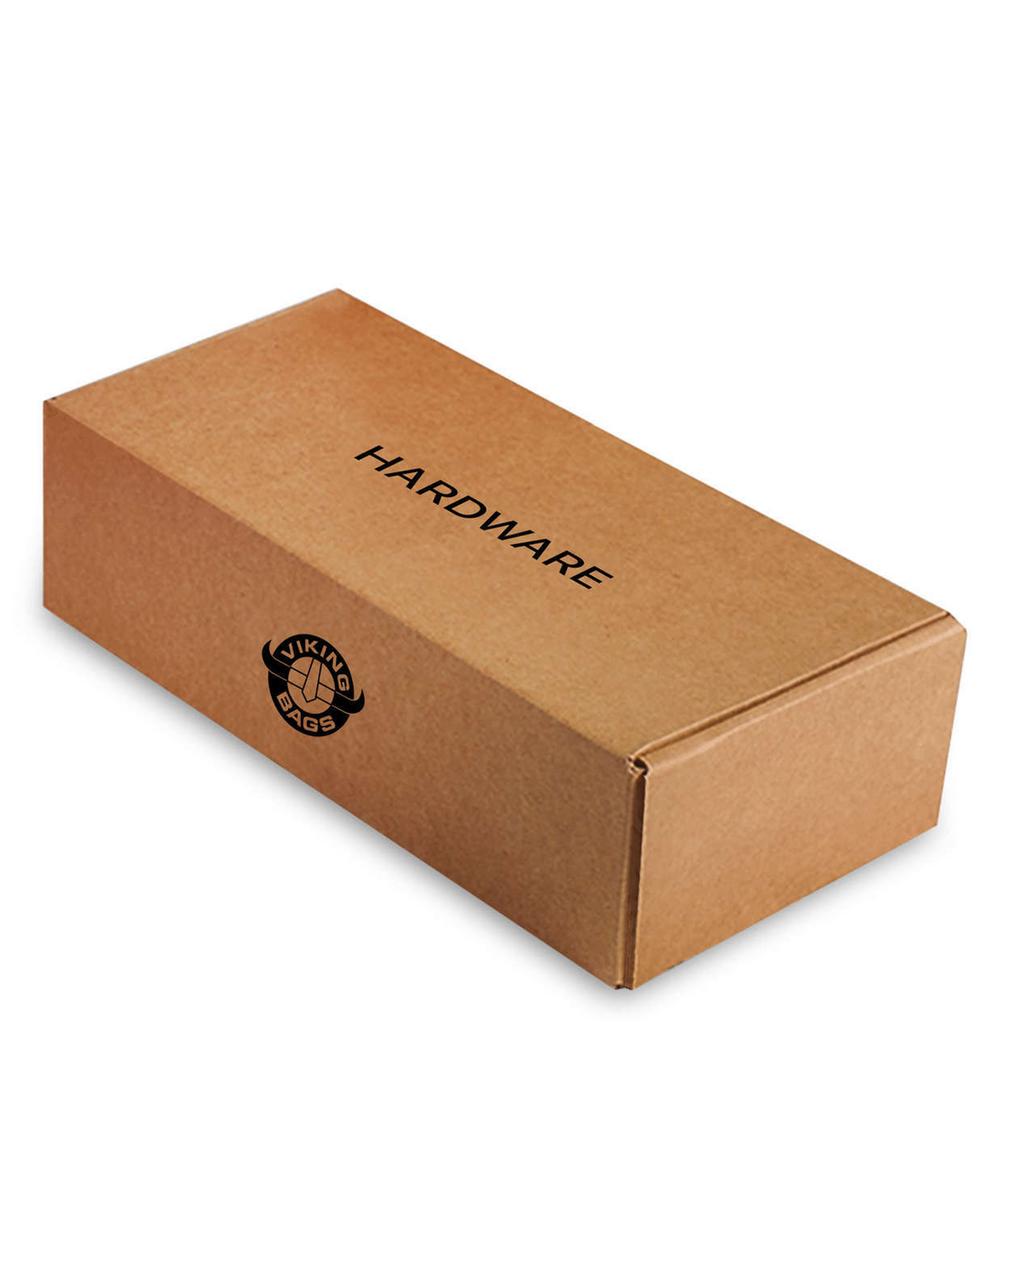 Triumph Rocket III Range SS Slanted Large Motorcycle Saddlebags Box